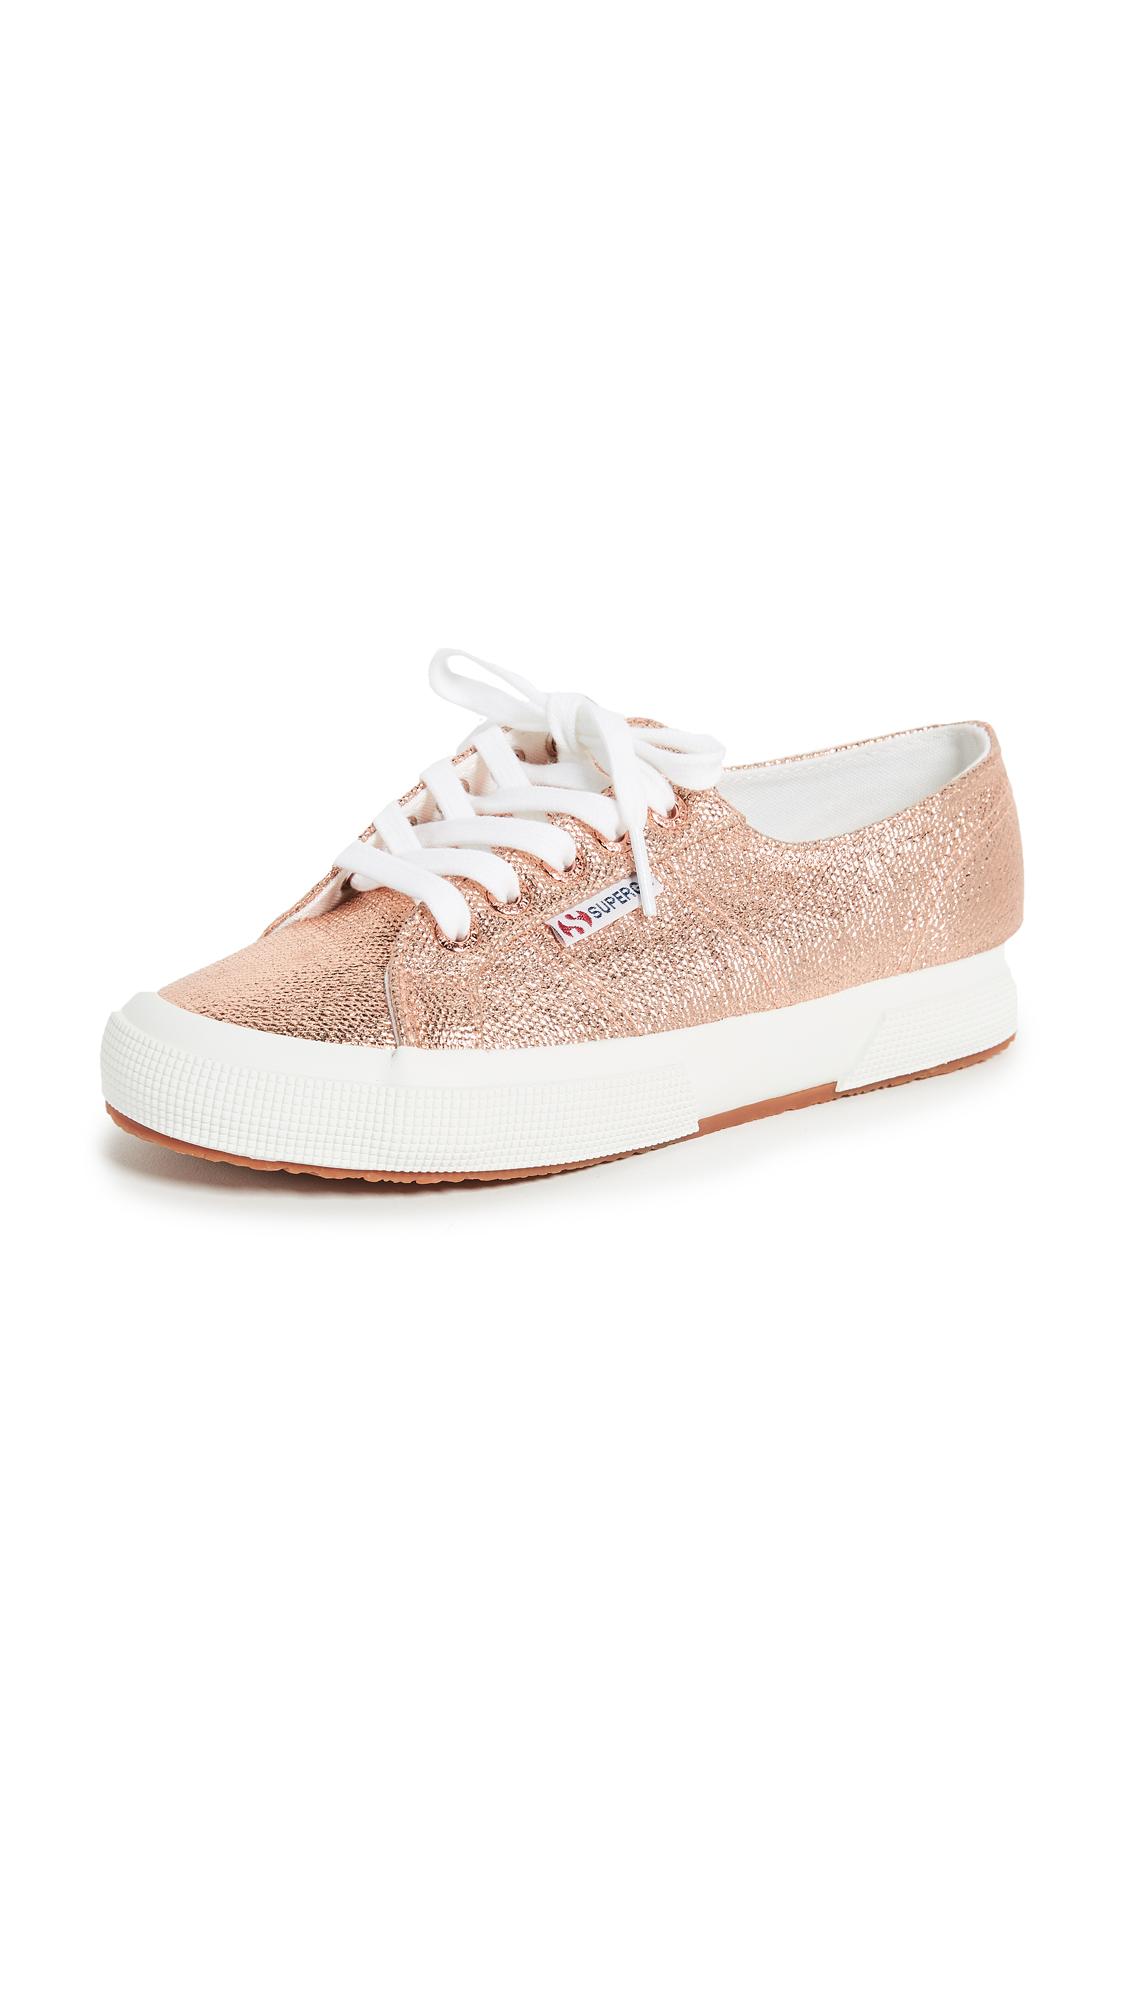 Superga 2750 Metallic Sneakers - Rose Gold